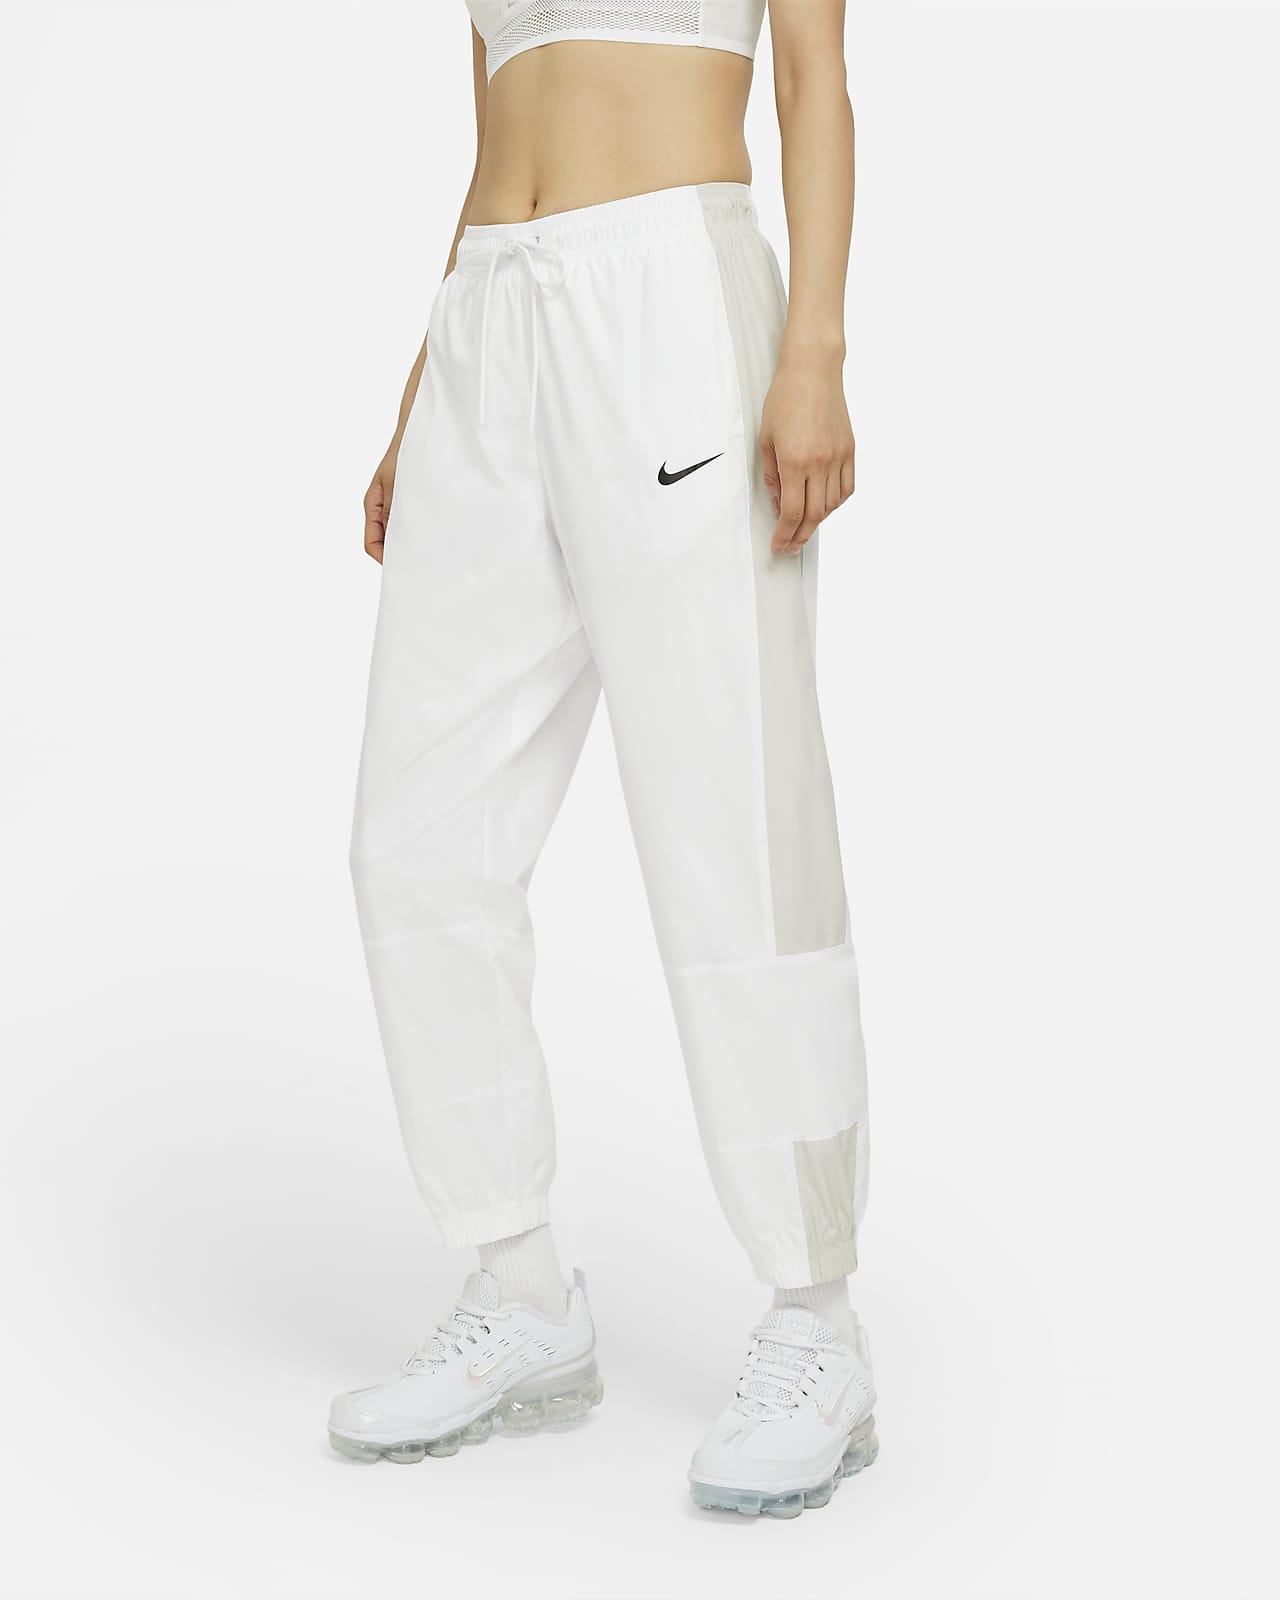 Nike Sportswear Repel Women's Woven Pants